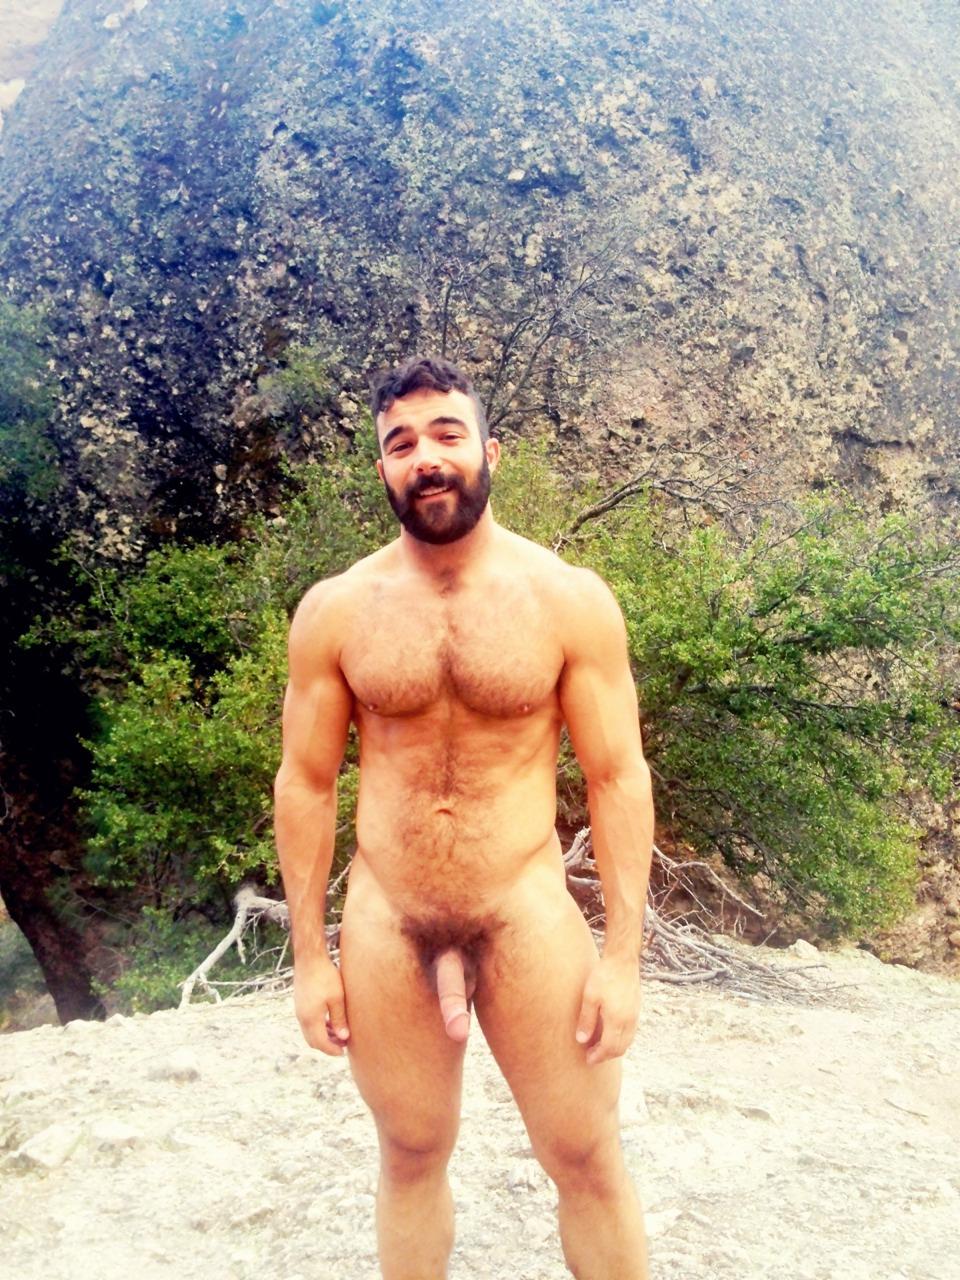 Fotos hot calientes de hombre con barba desnudo y